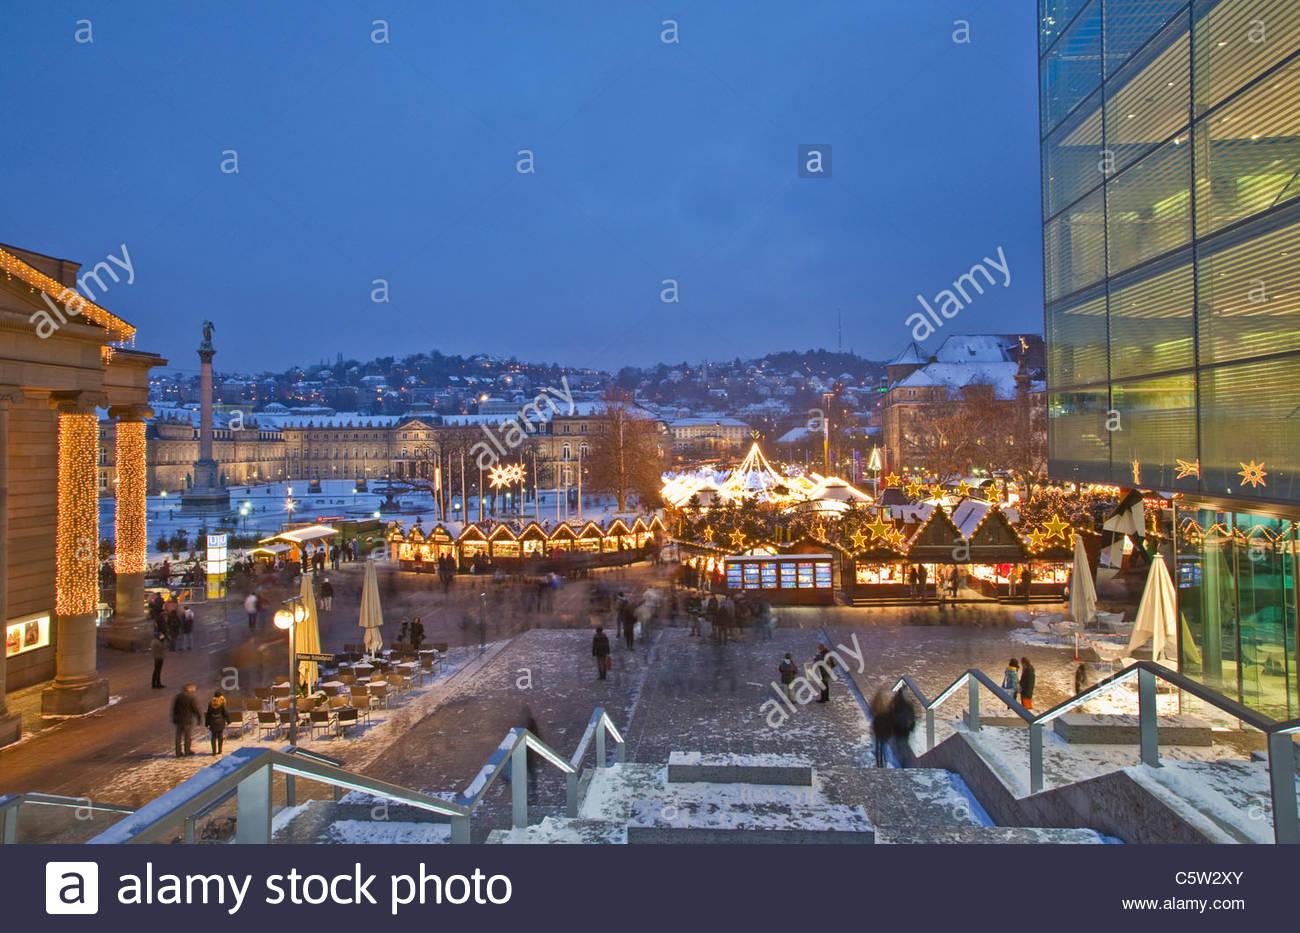 Stuttgart Weihnachtsmarkt.Deutschland Baden Wurttemberg Stuttgart Weihnachtsmarkt